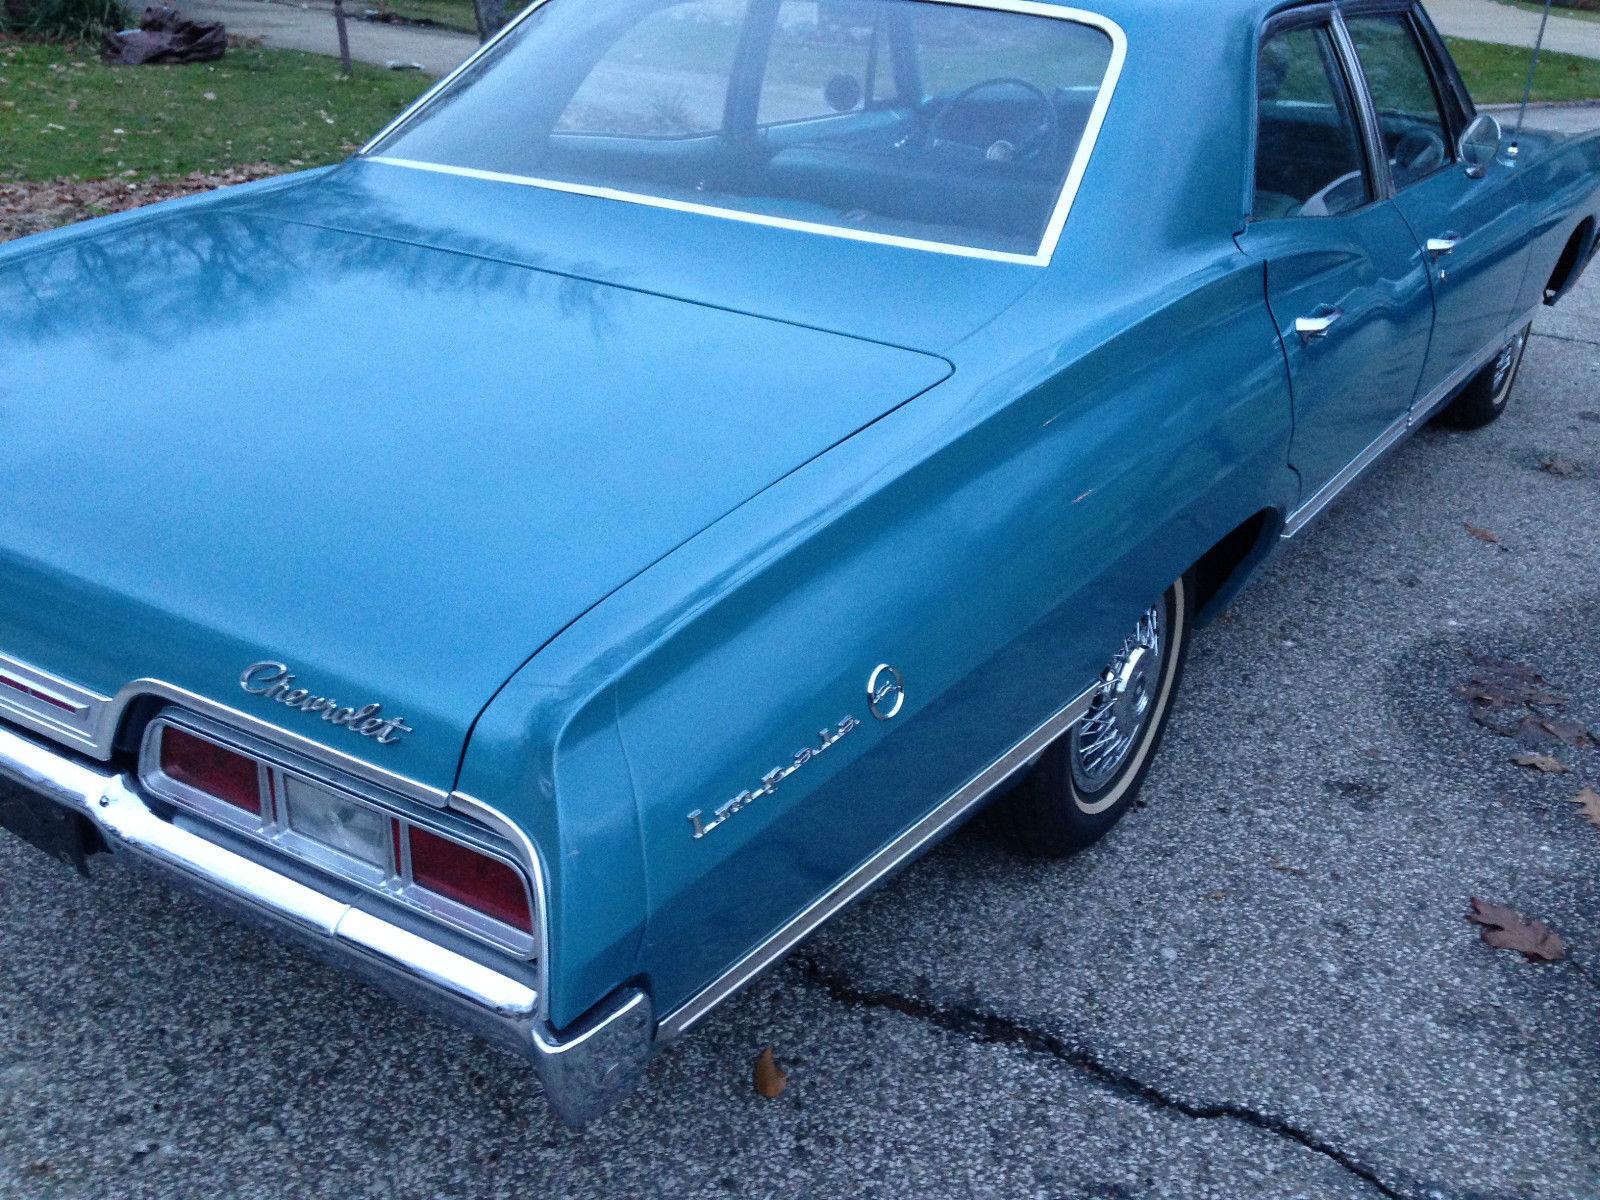 1967 cheverolet impala 4 door w 327 near mint supernatural car no reserve. Black Bedroom Furniture Sets. Home Design Ideas